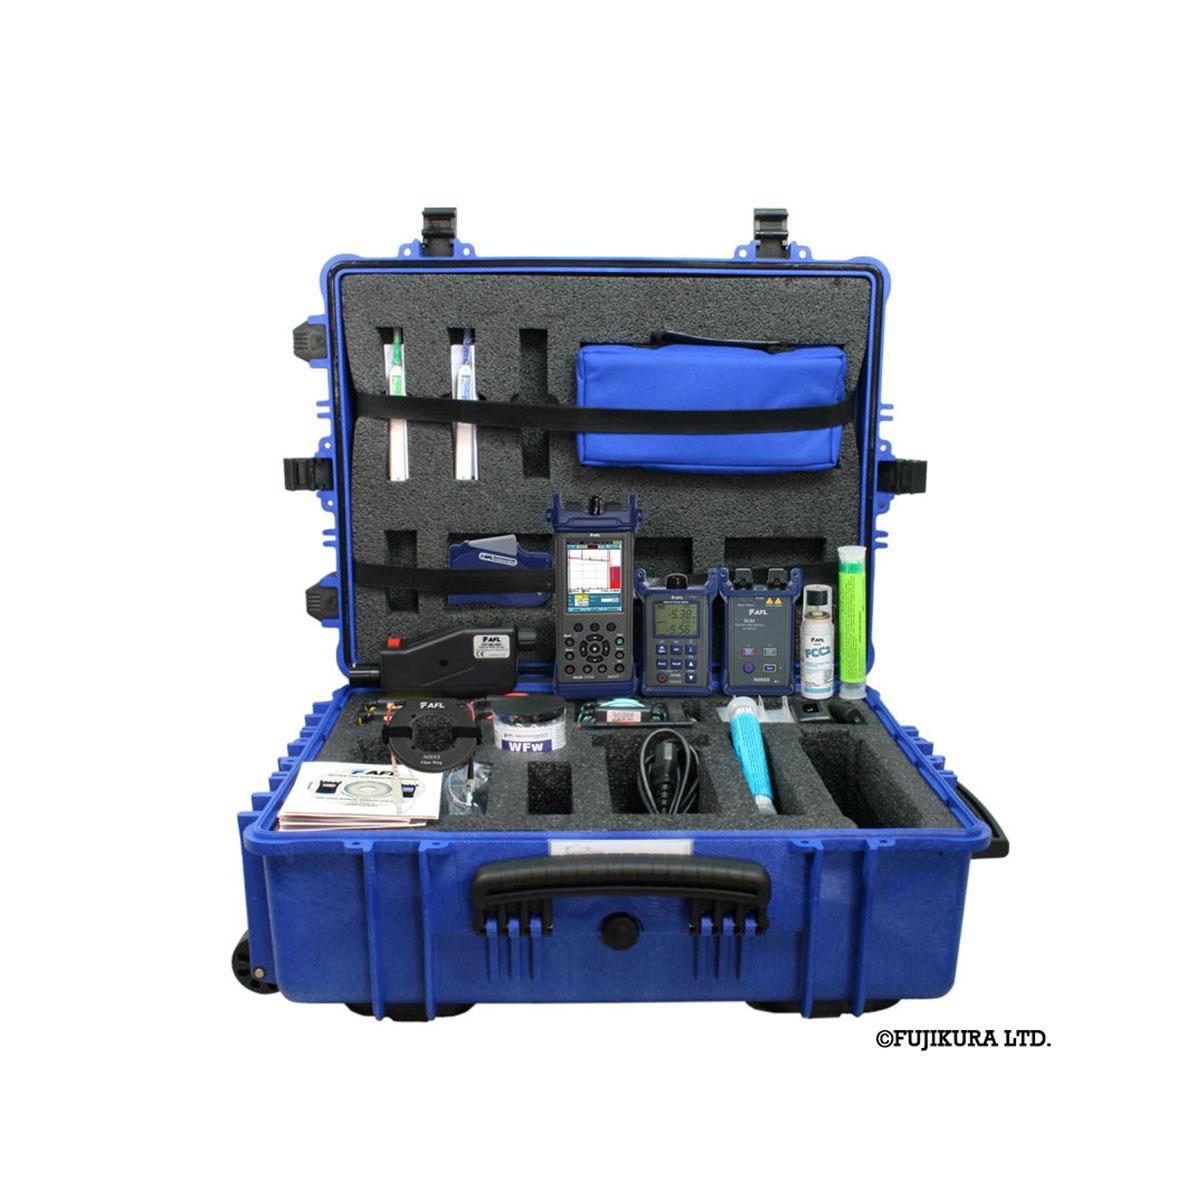 Kit de instalación Fibra optica AFL FTK PRO